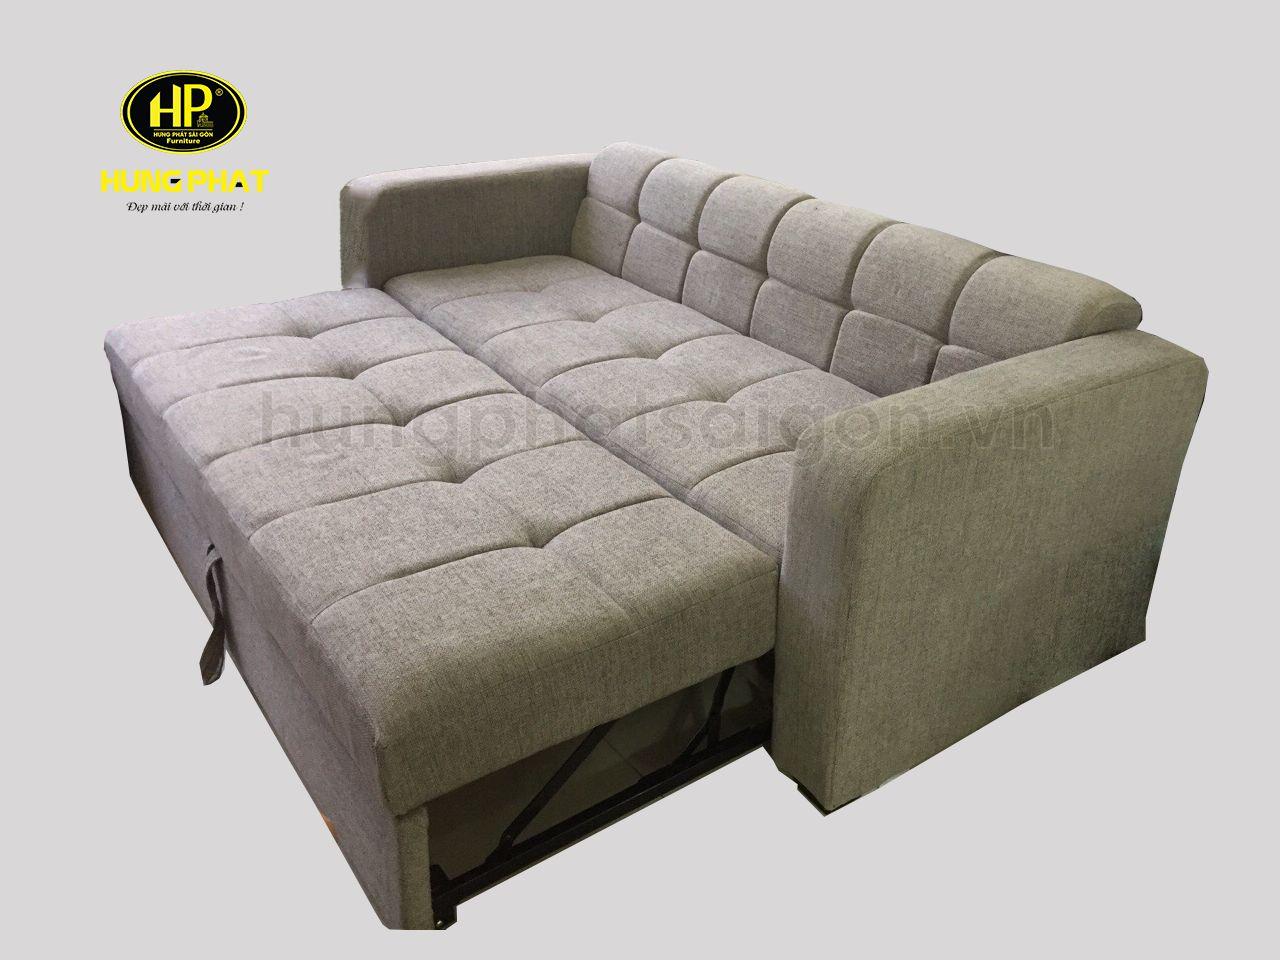 sofa giường cao cấp sang trọng hiện đại